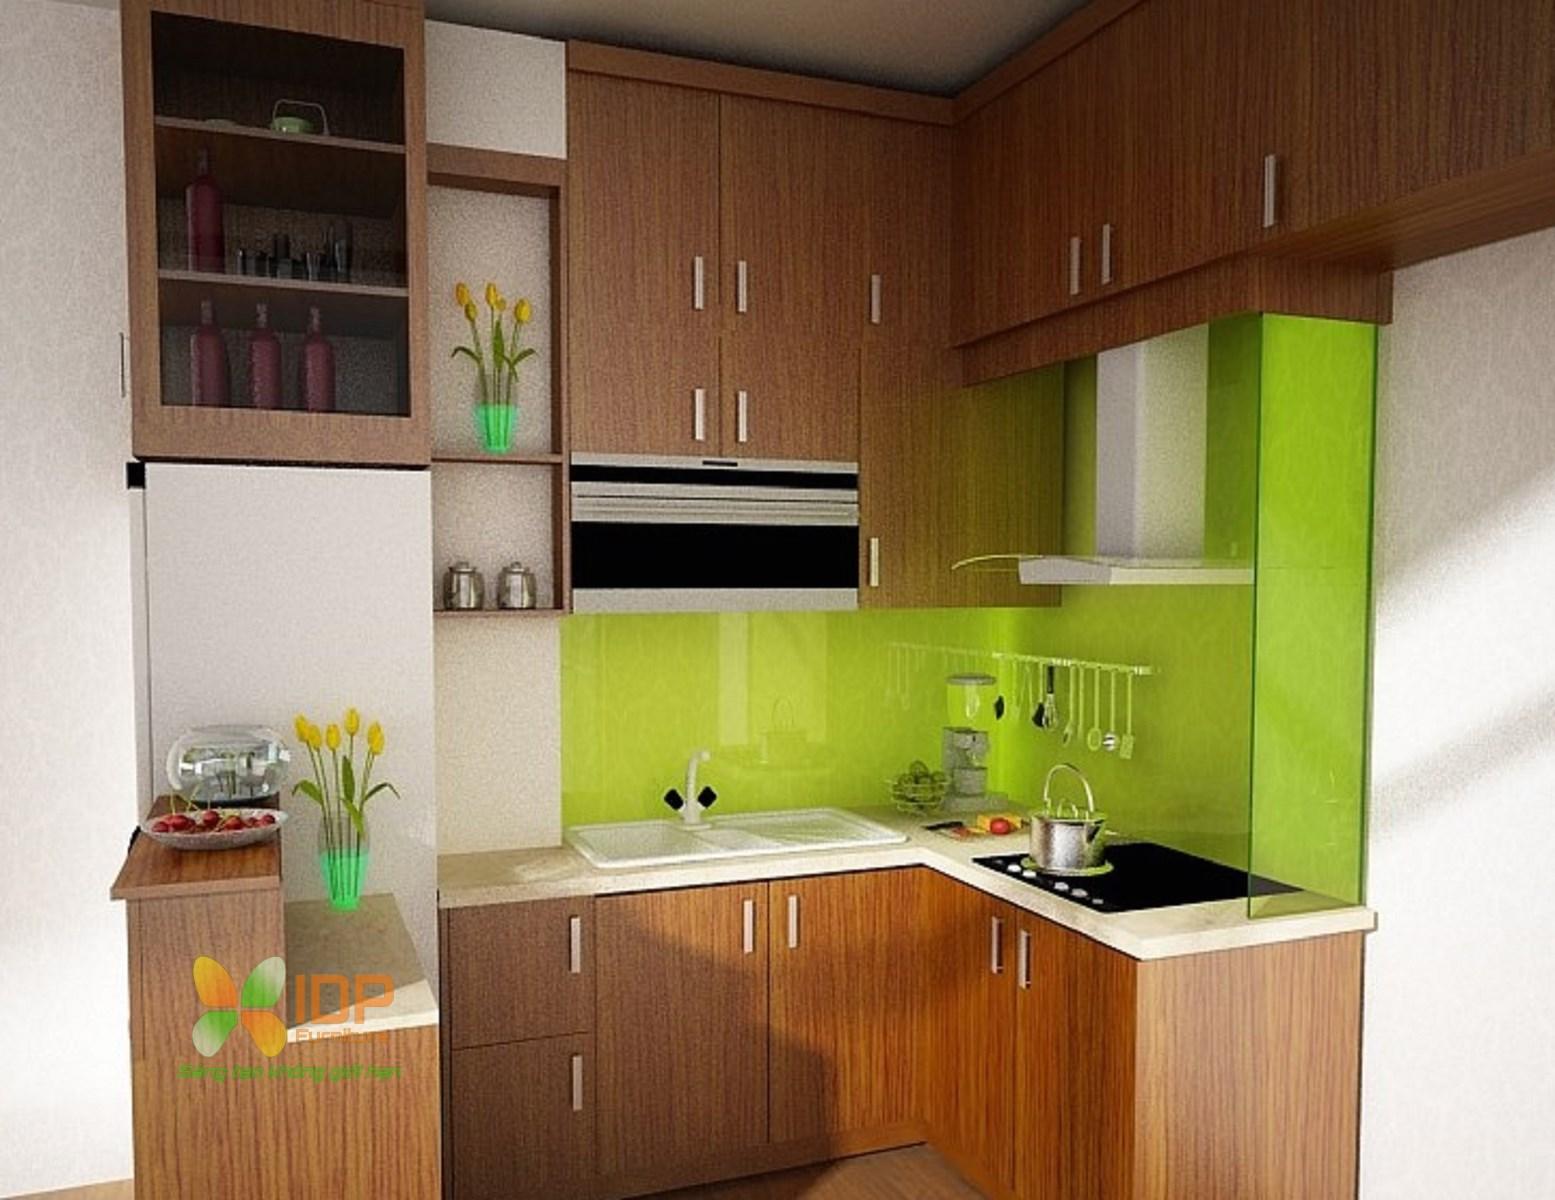 thiết kế tủ bếp nhỏ đẹp